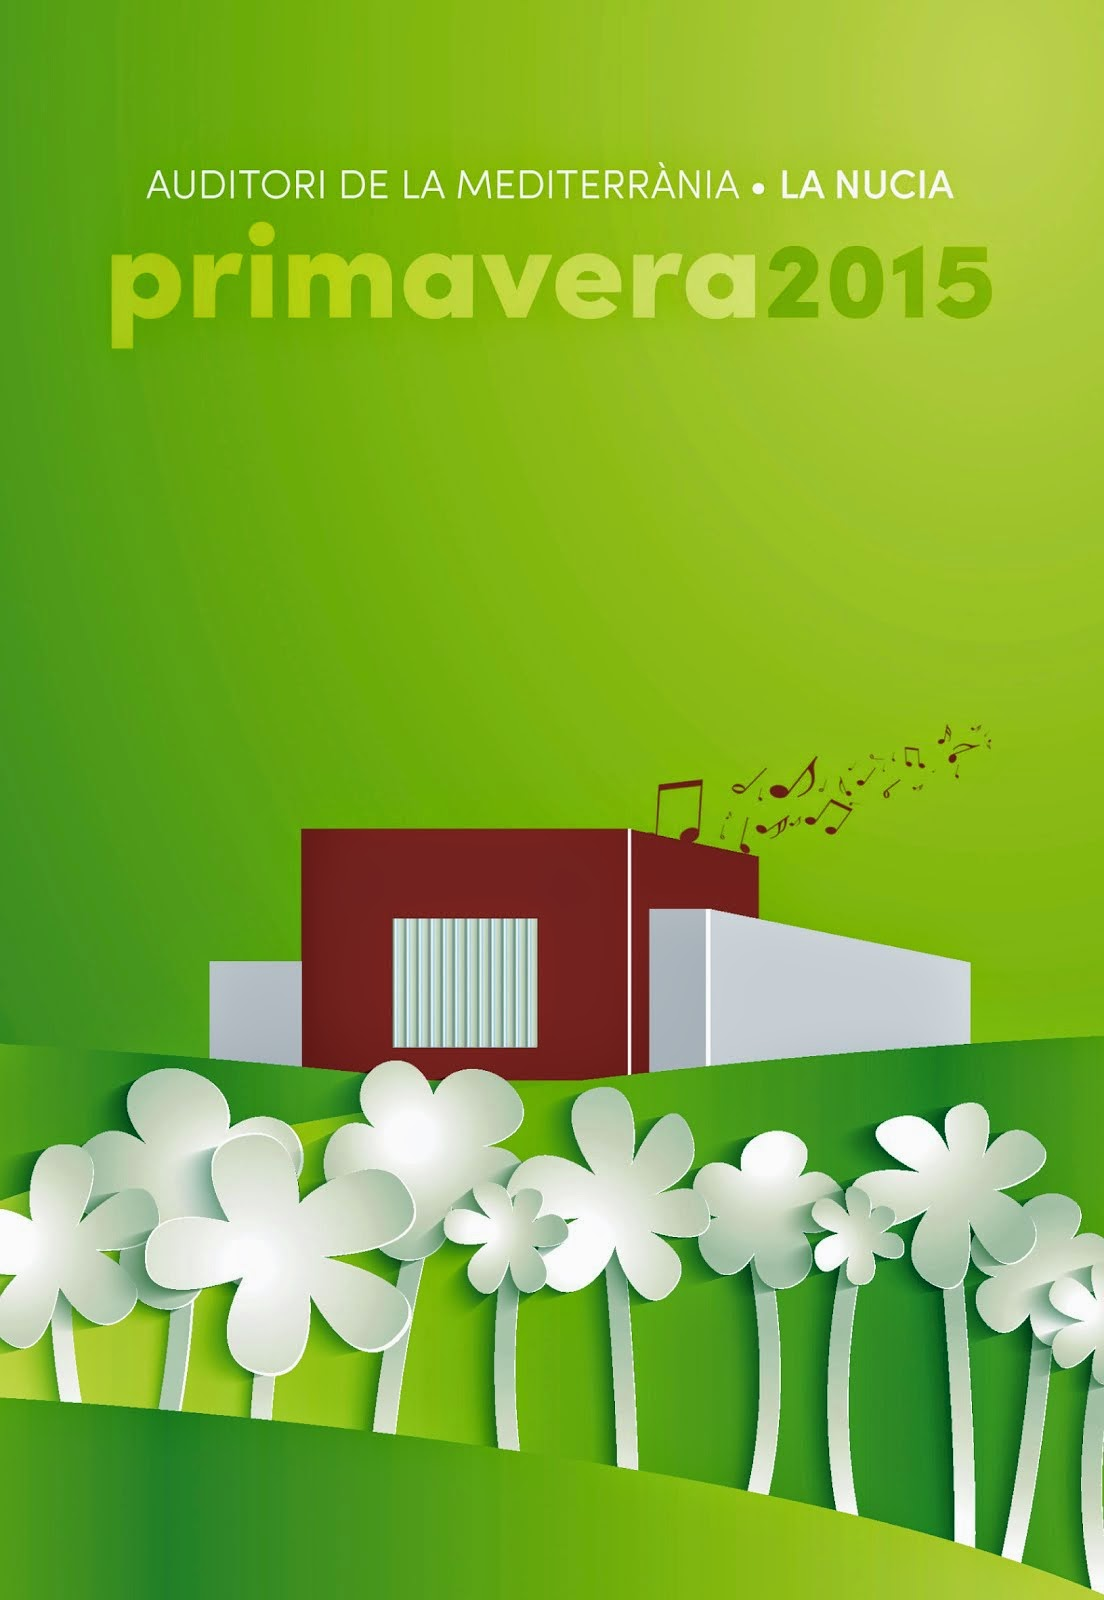 AM PROGRAMACIÓN FEBRERO - JULIO 2015